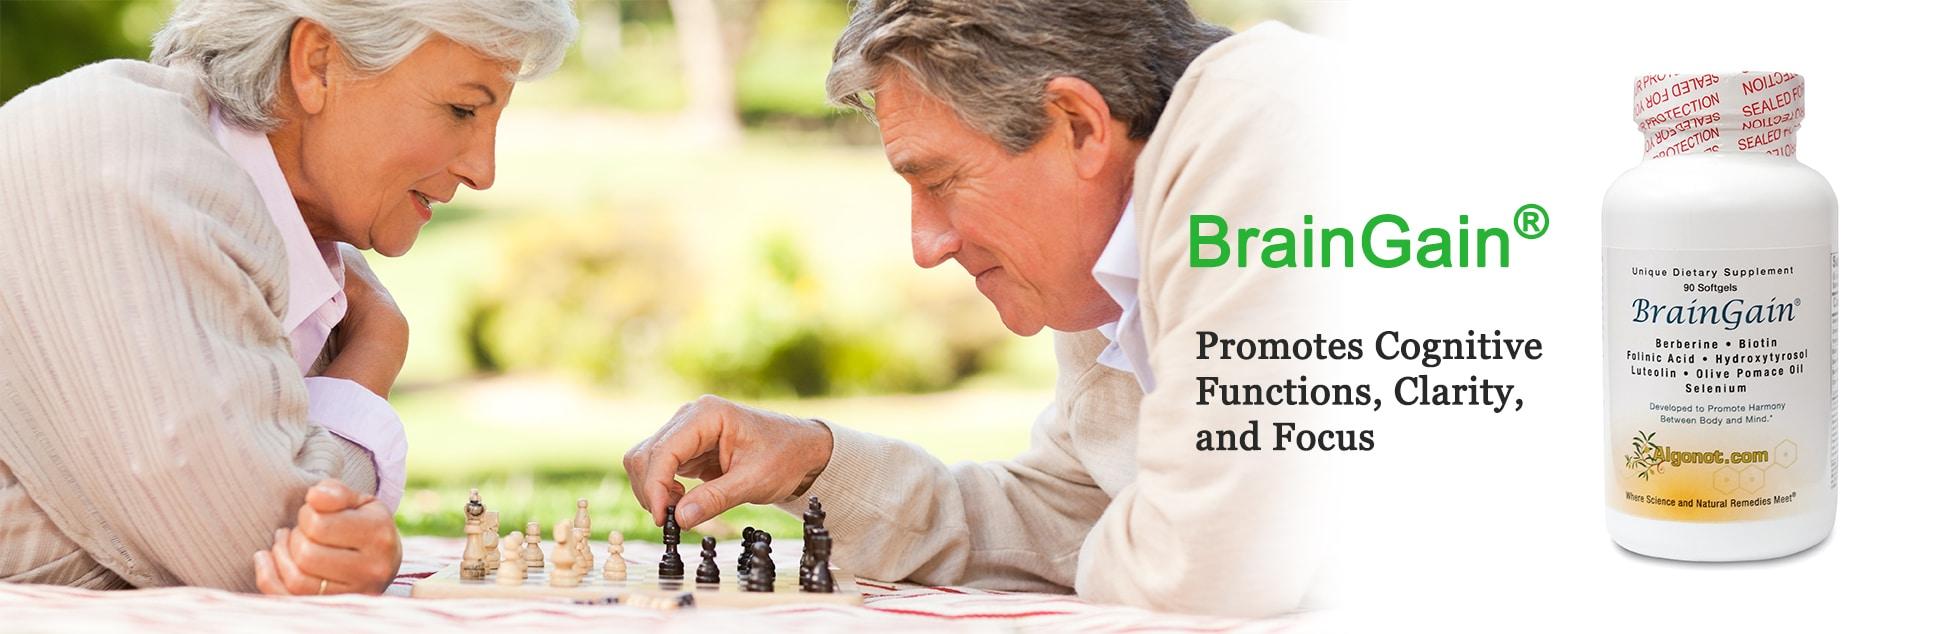 Algonot-BrainGain-product-img